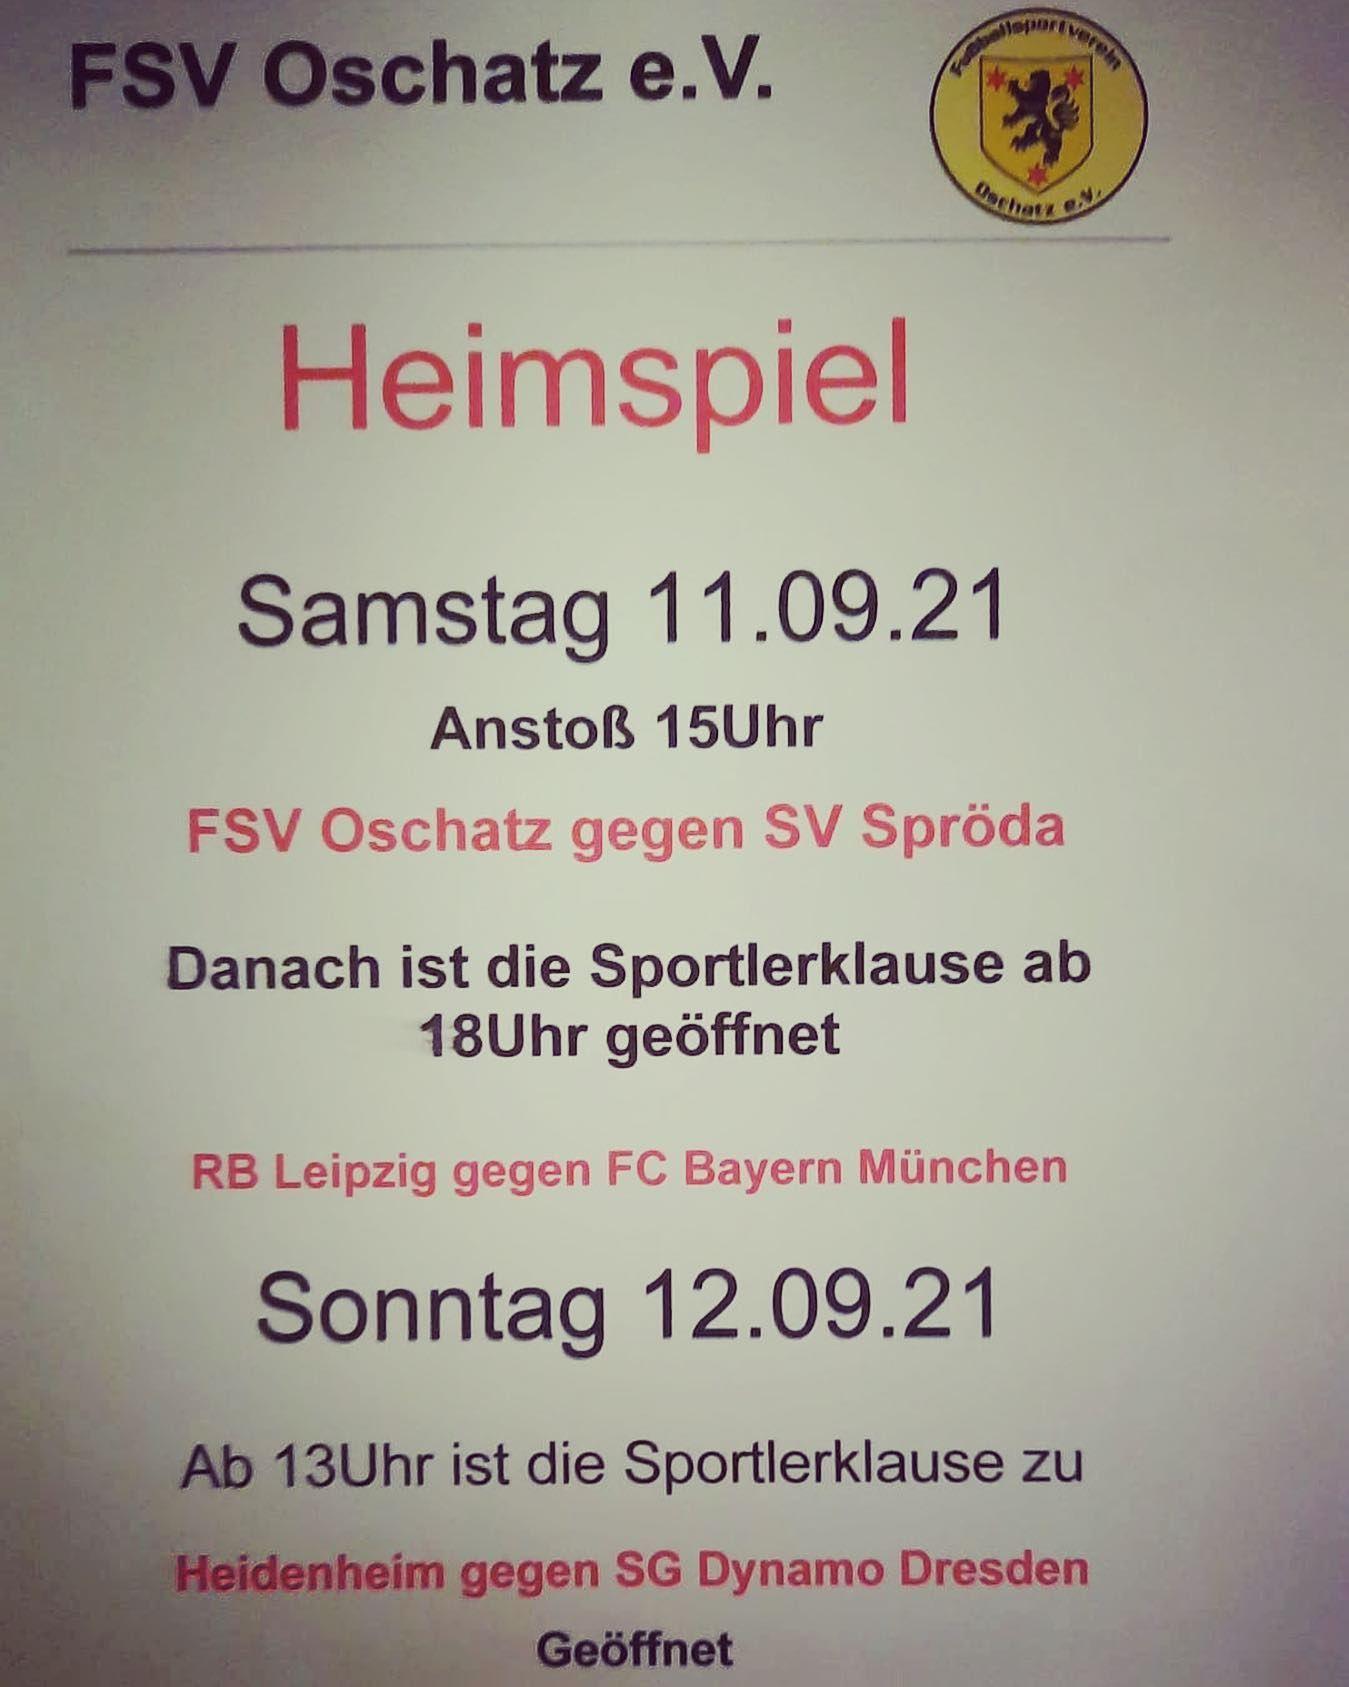 Aktuelle Neuigkeiten | FSV Oschatz e.V.